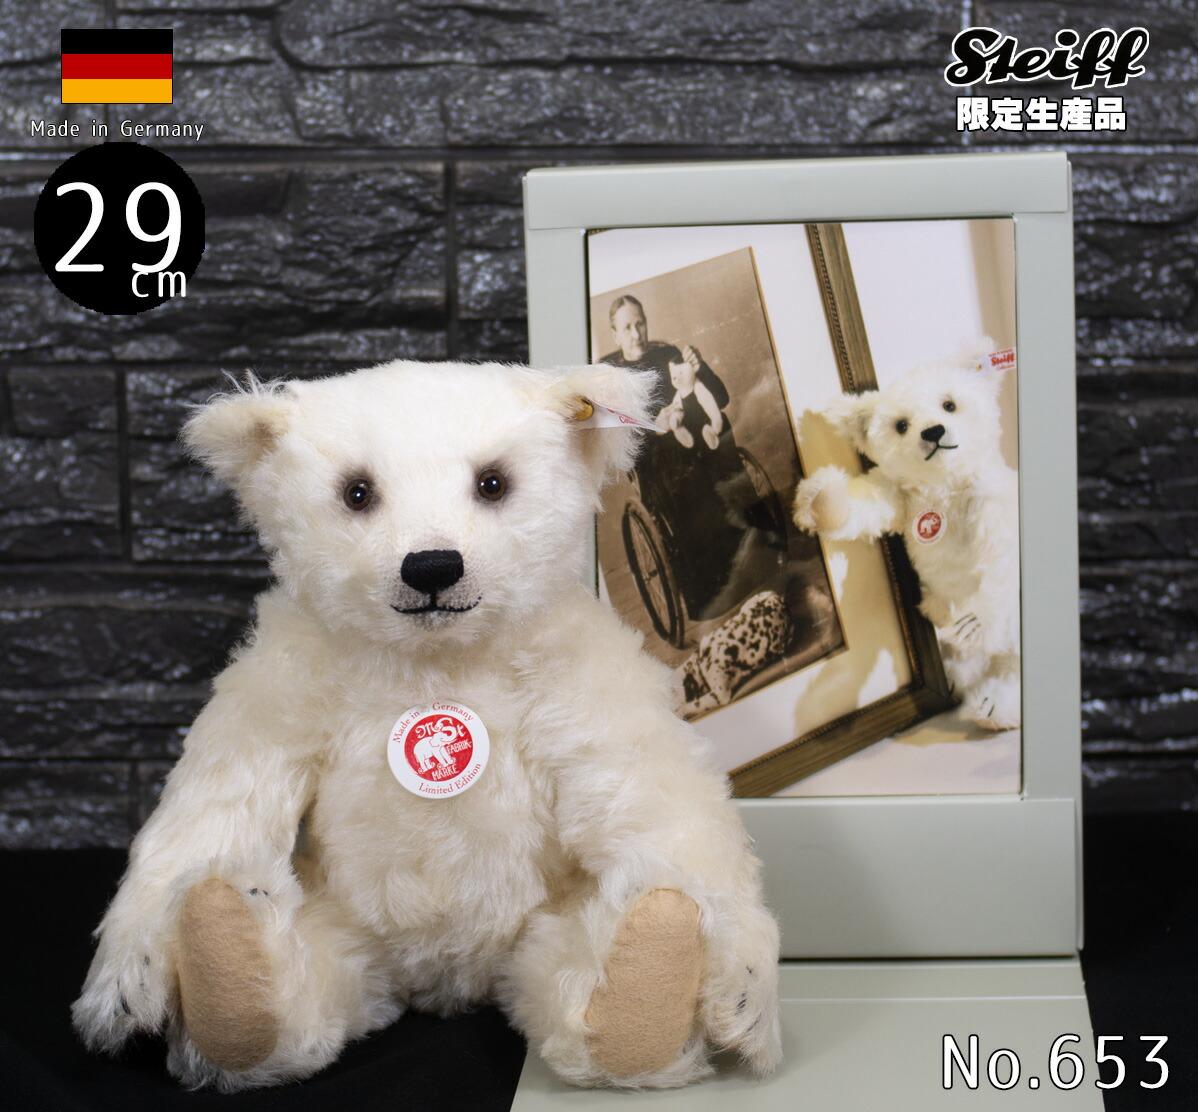 シュタイフ テディベア Steiff 世界限定マルガレーテメモリアルテディベア 29cm Margarete memorial Teddy bear